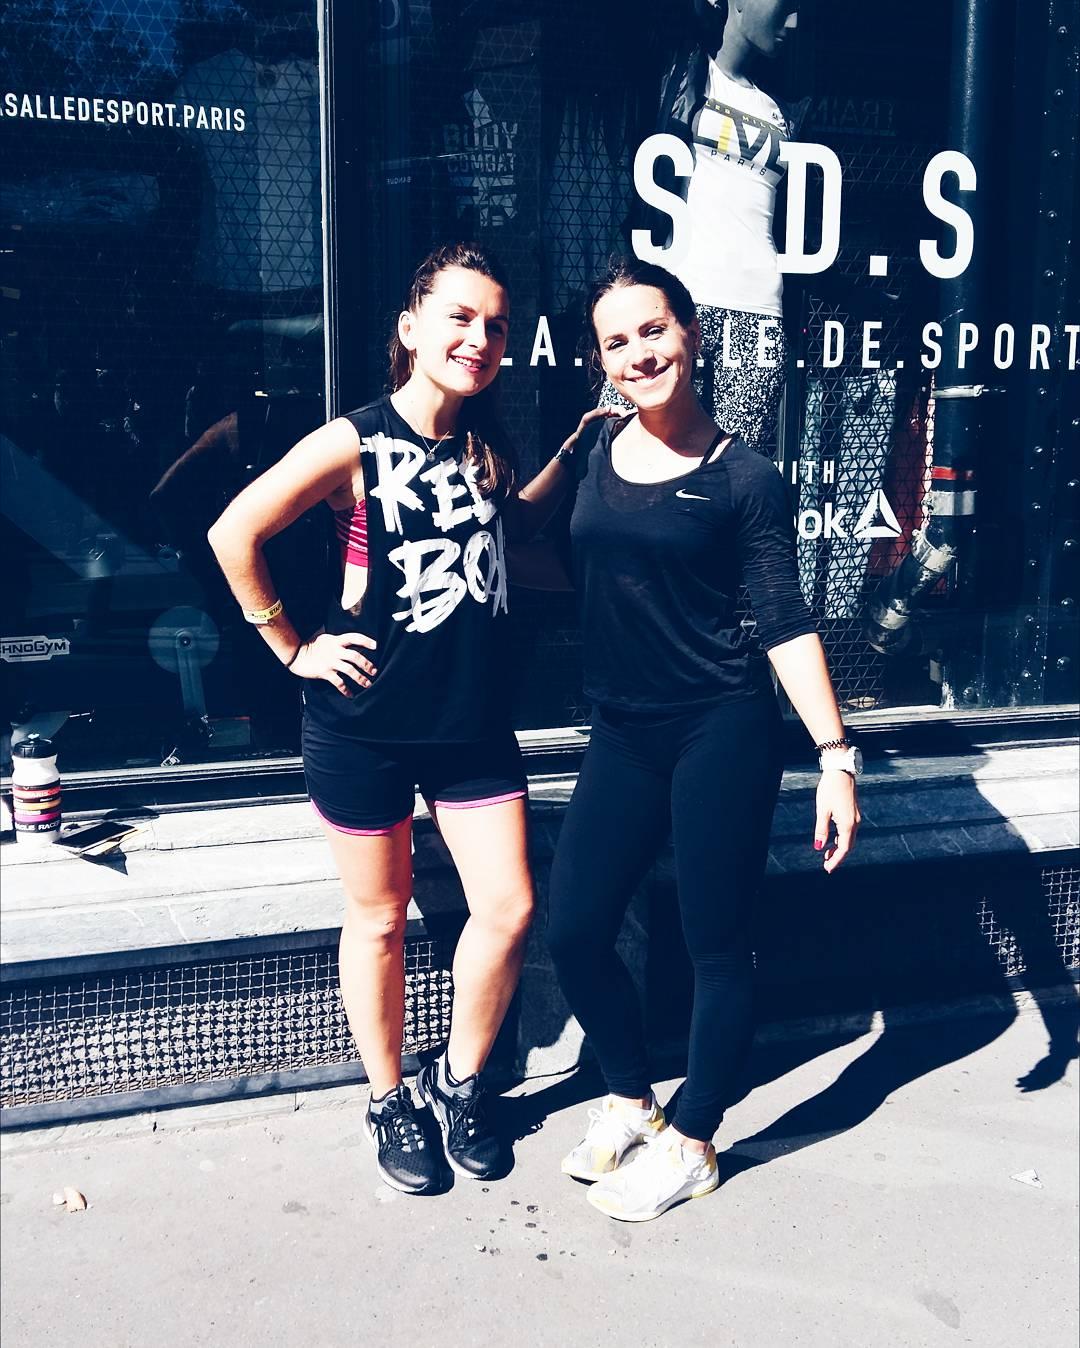 Addict Interview Les Fitness Communauté Benoit Mills Mallet De Des pqqw7IAR1